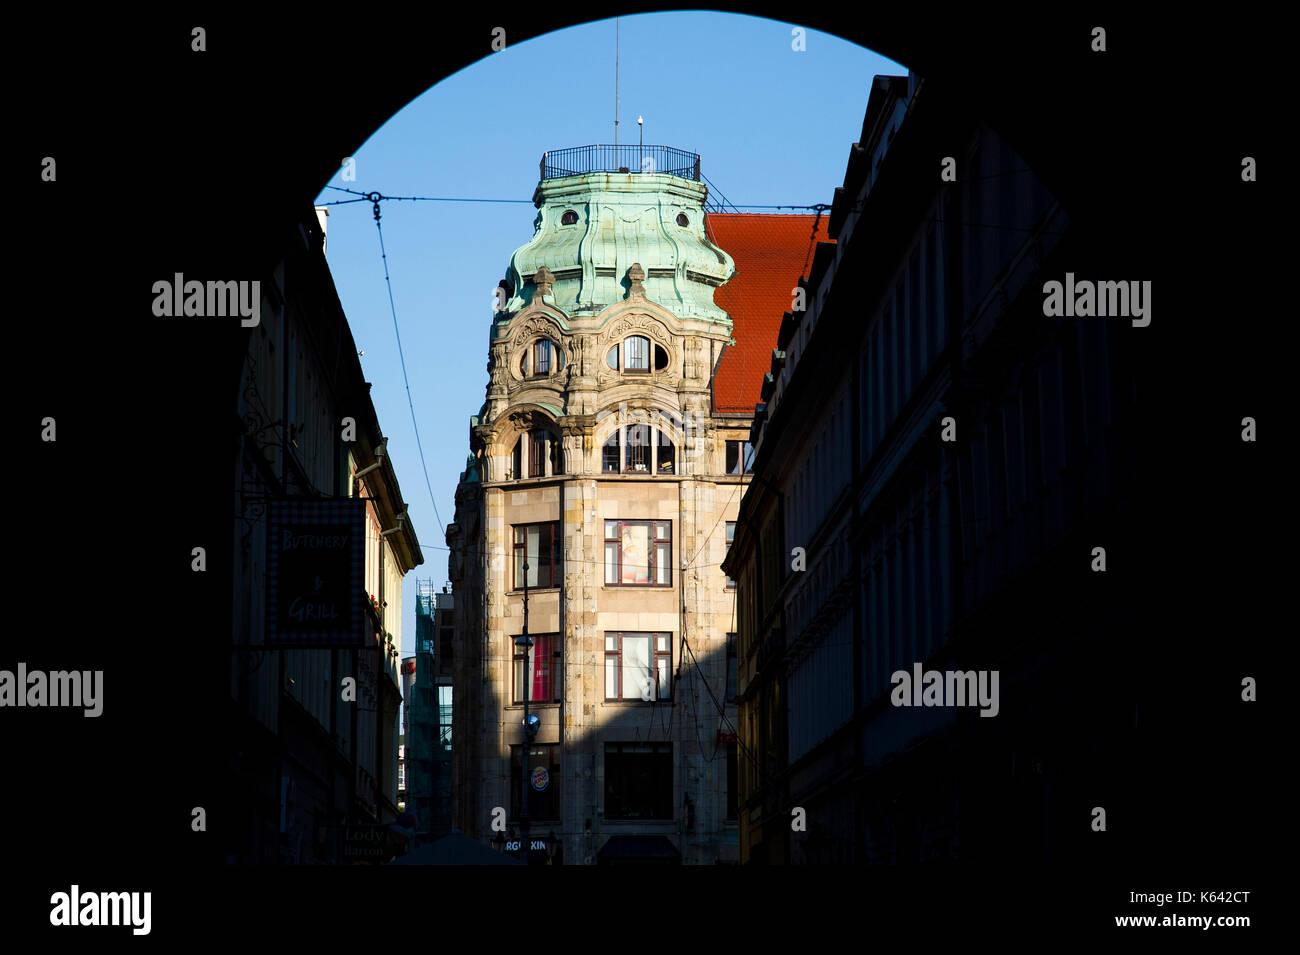 Dom Handlowy Stock Photos & Dom Handlowy Stock Images